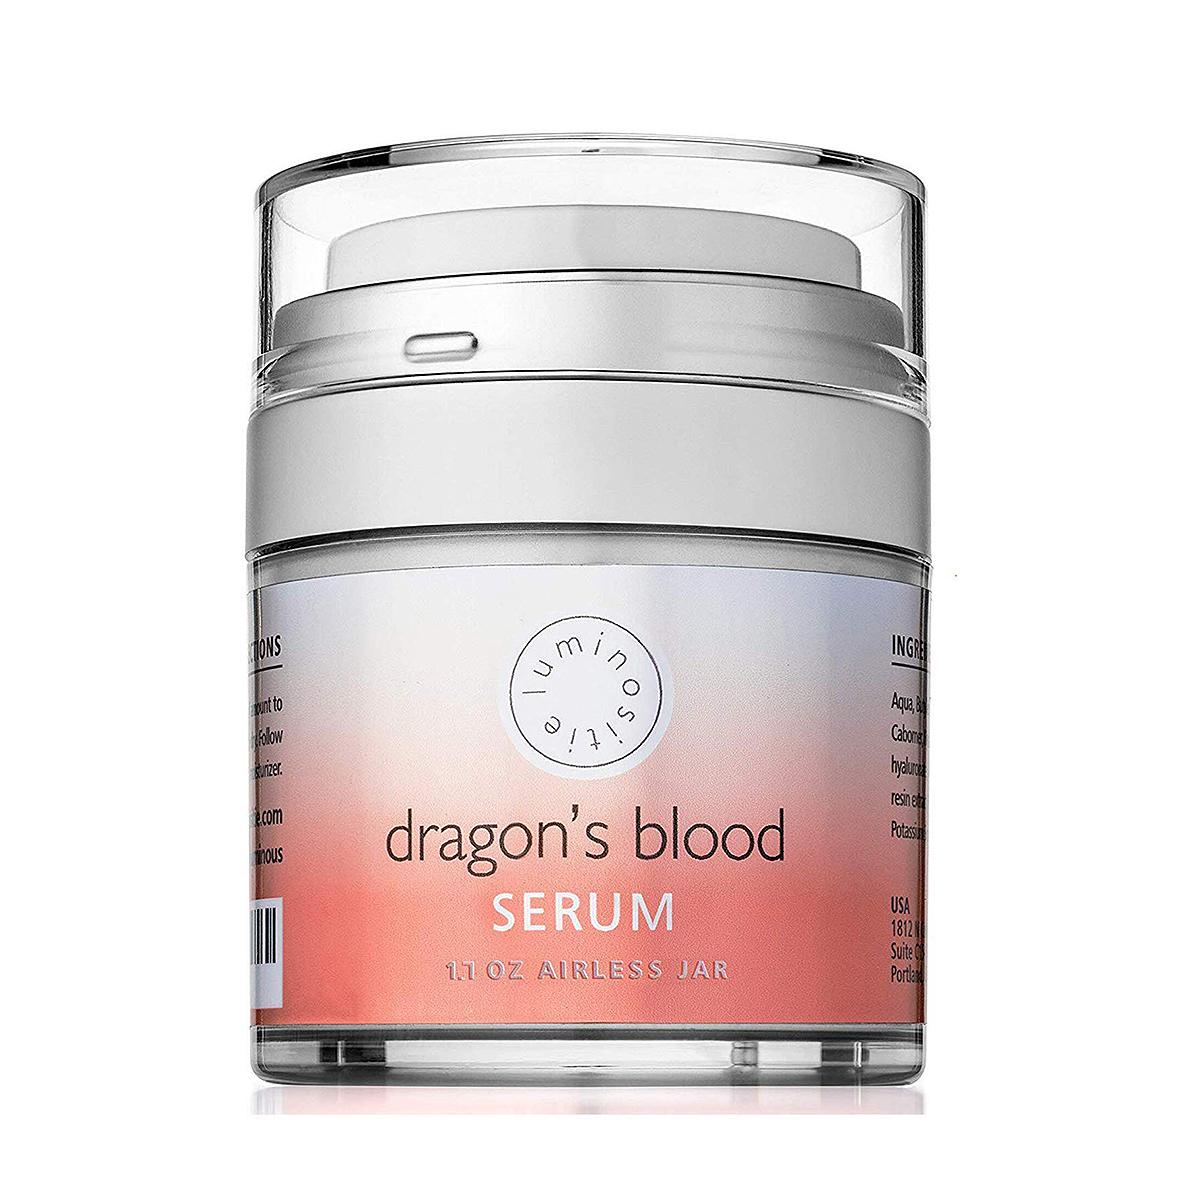 botox-alternative-prime-day-deals-dragons-blood-serum-luminositie